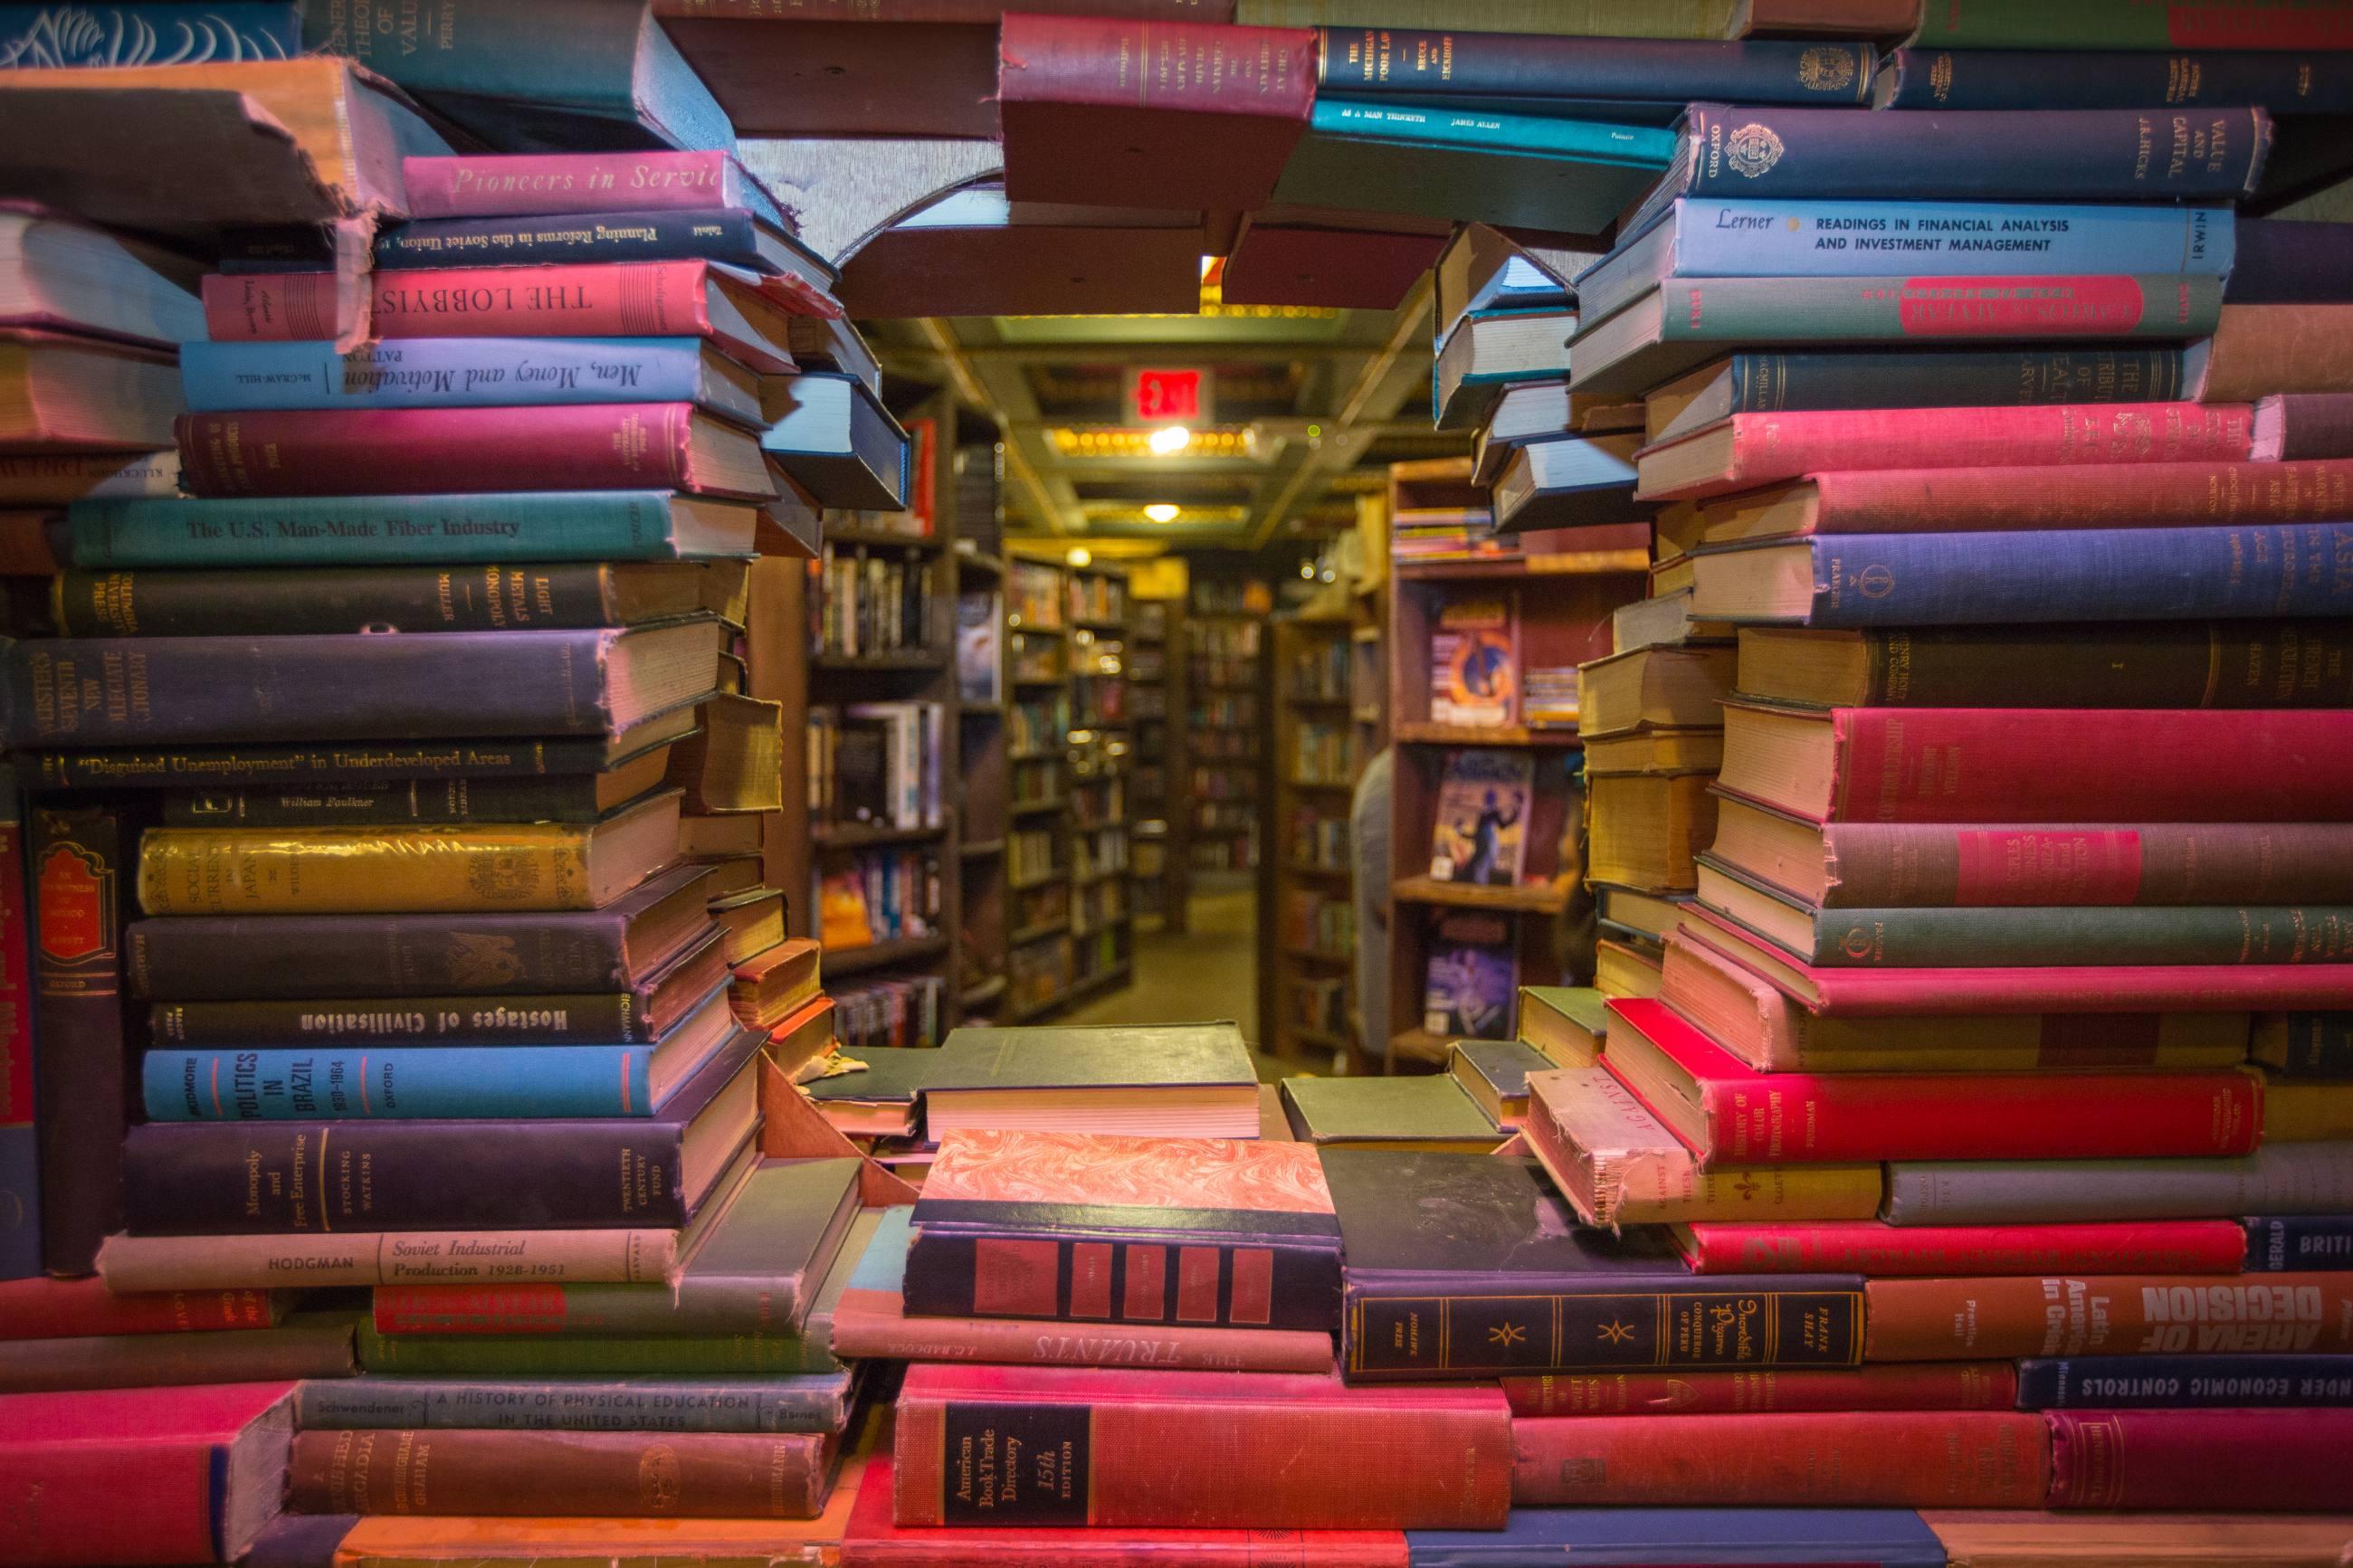 The Last Bookstore Book Tunnel